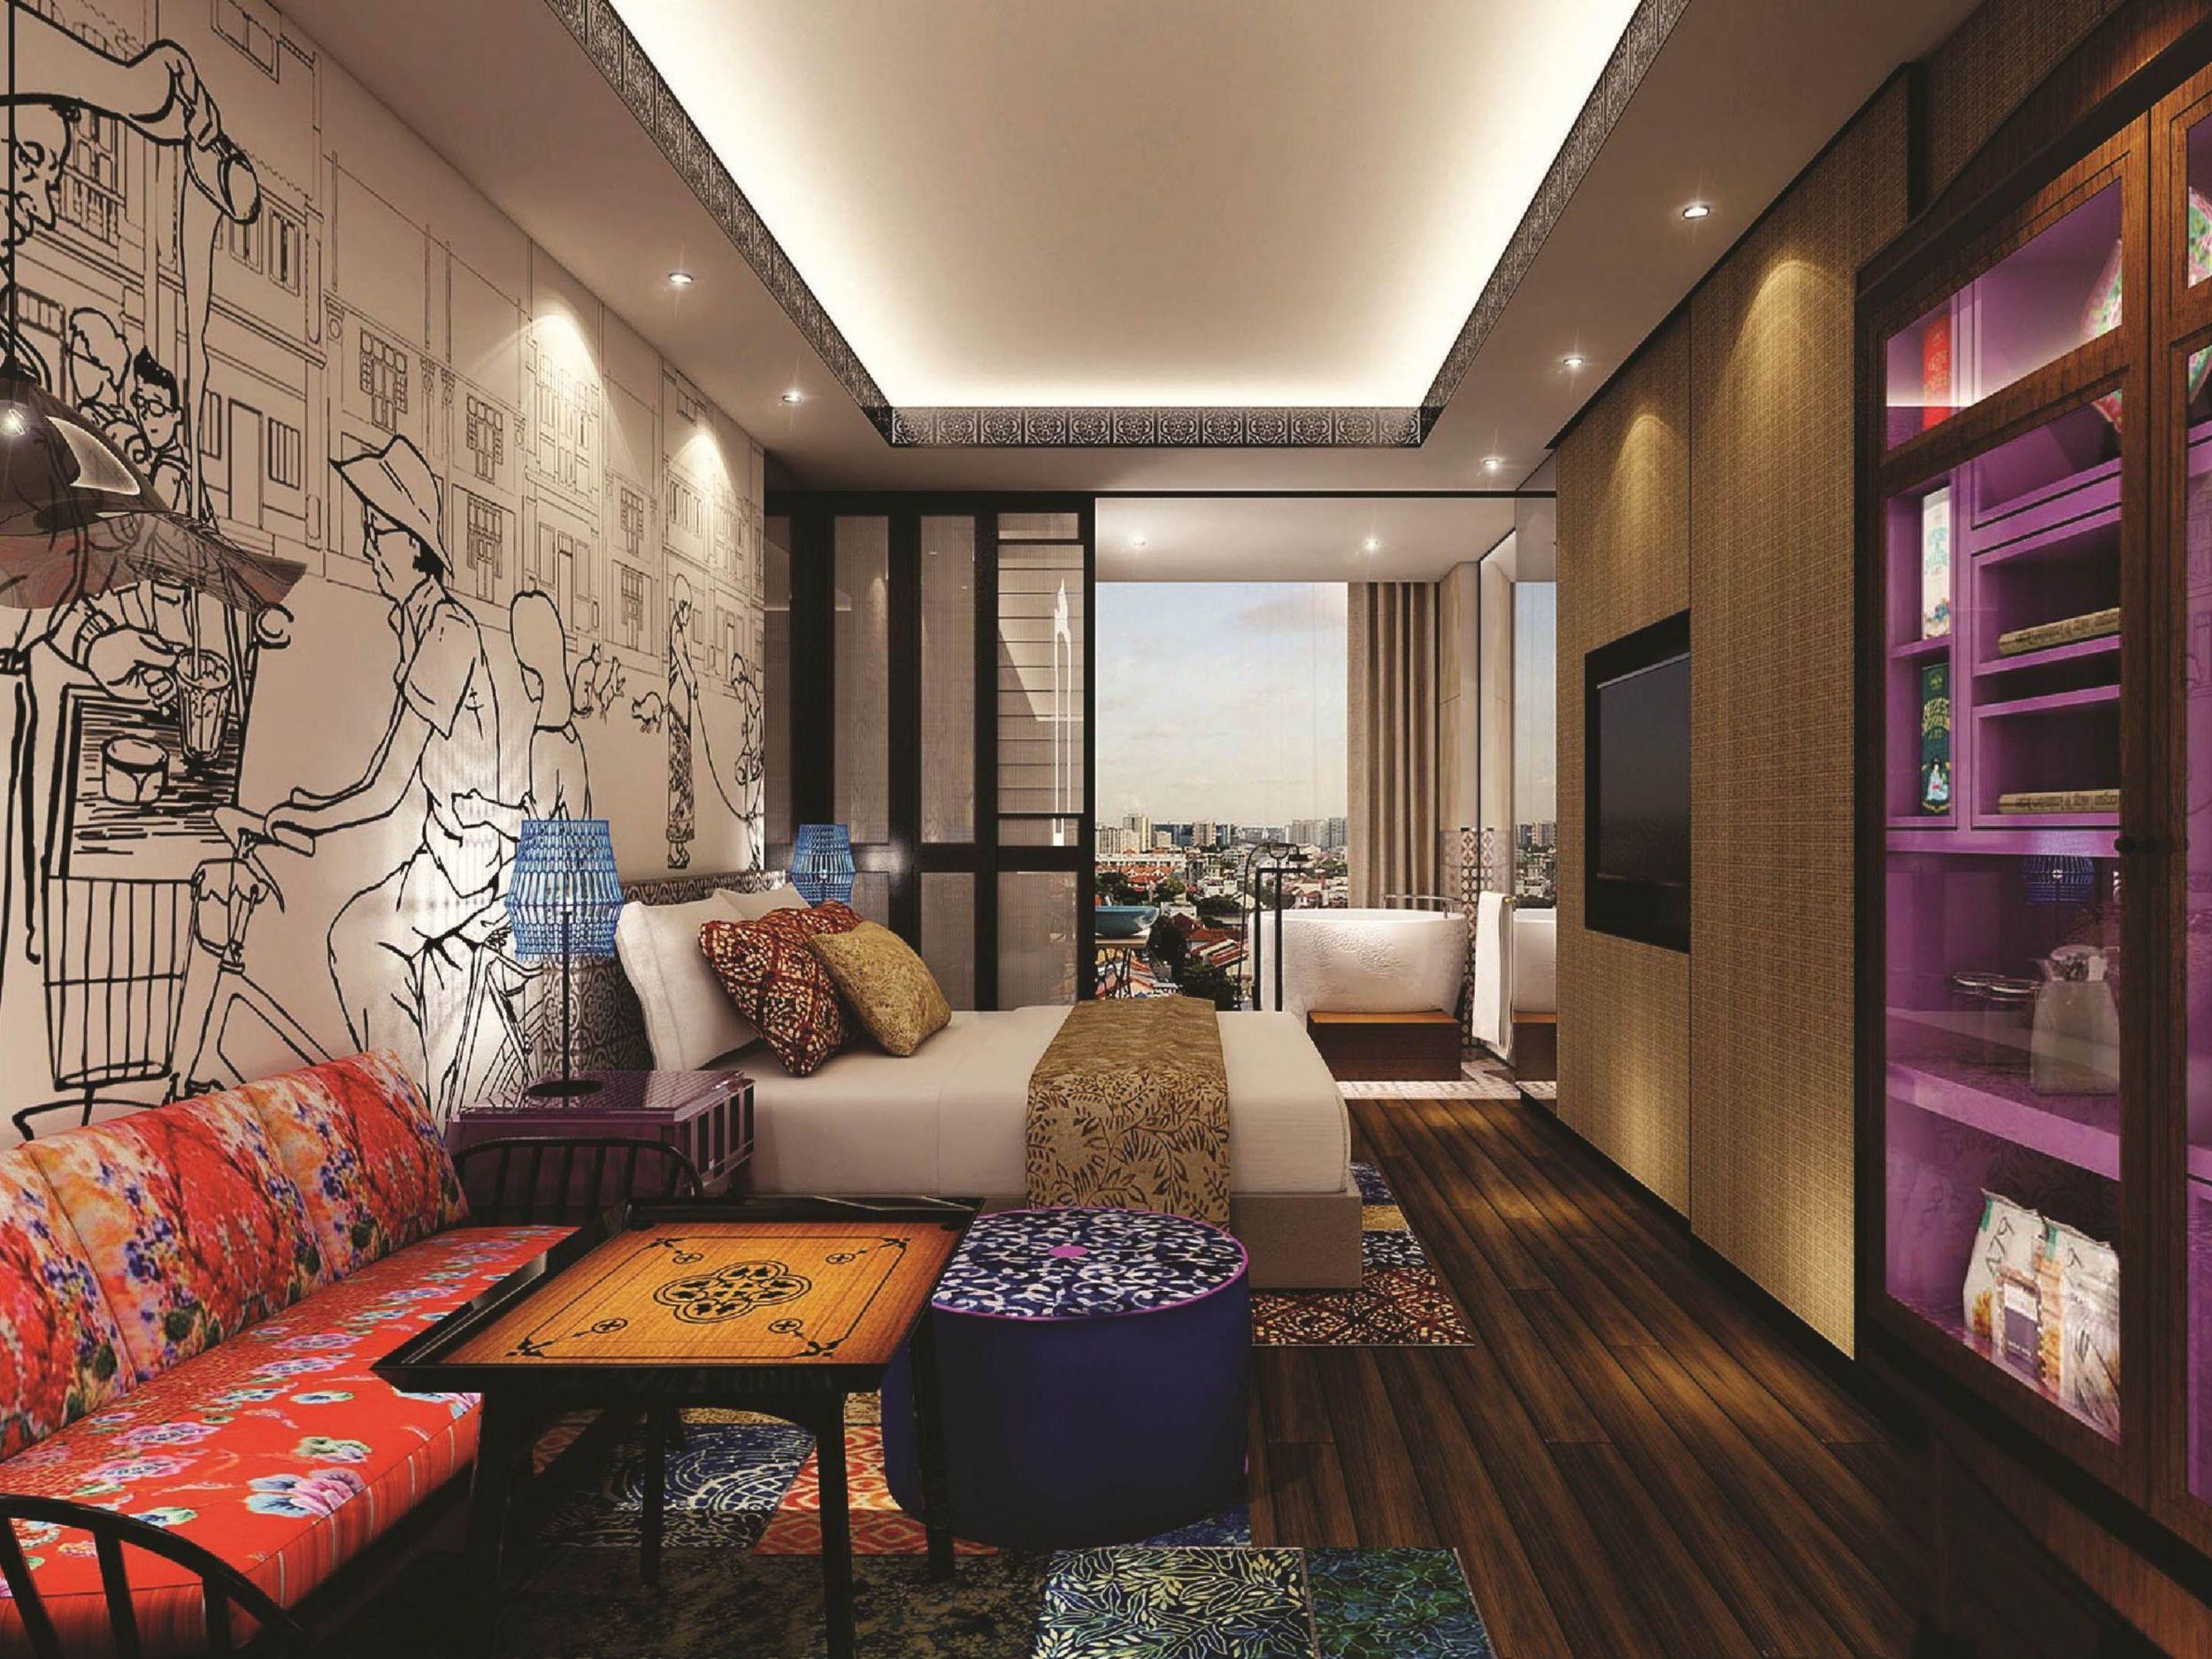 Hotel Indigo Katong | Photo Credit: InterContinental Hotels Group